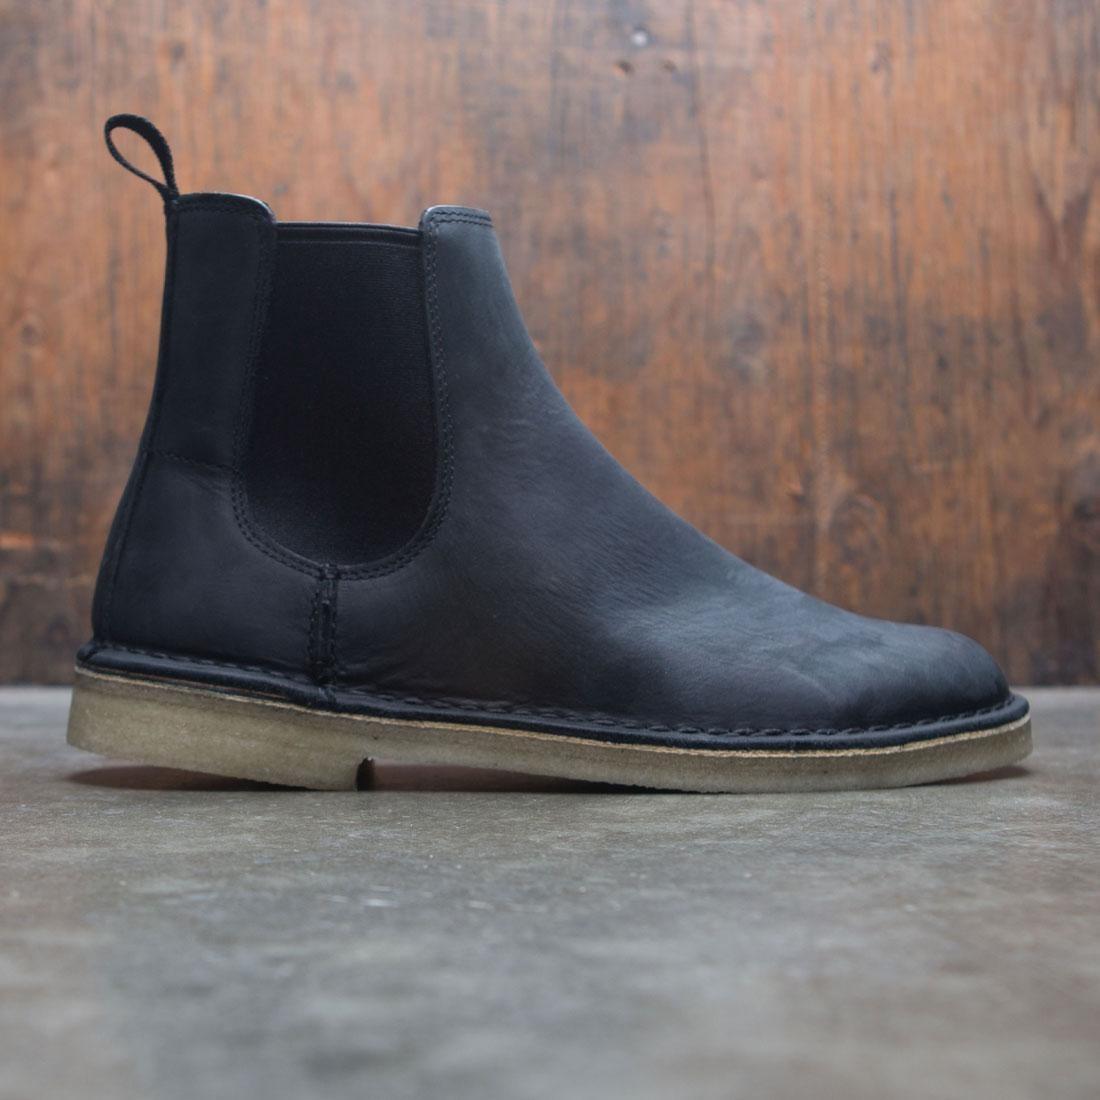 【海外限定】クラークス ブーツ スニーカー 靴 【 CLARKS MEN DESERT PEAK BOOT BLACK LEATHER 】